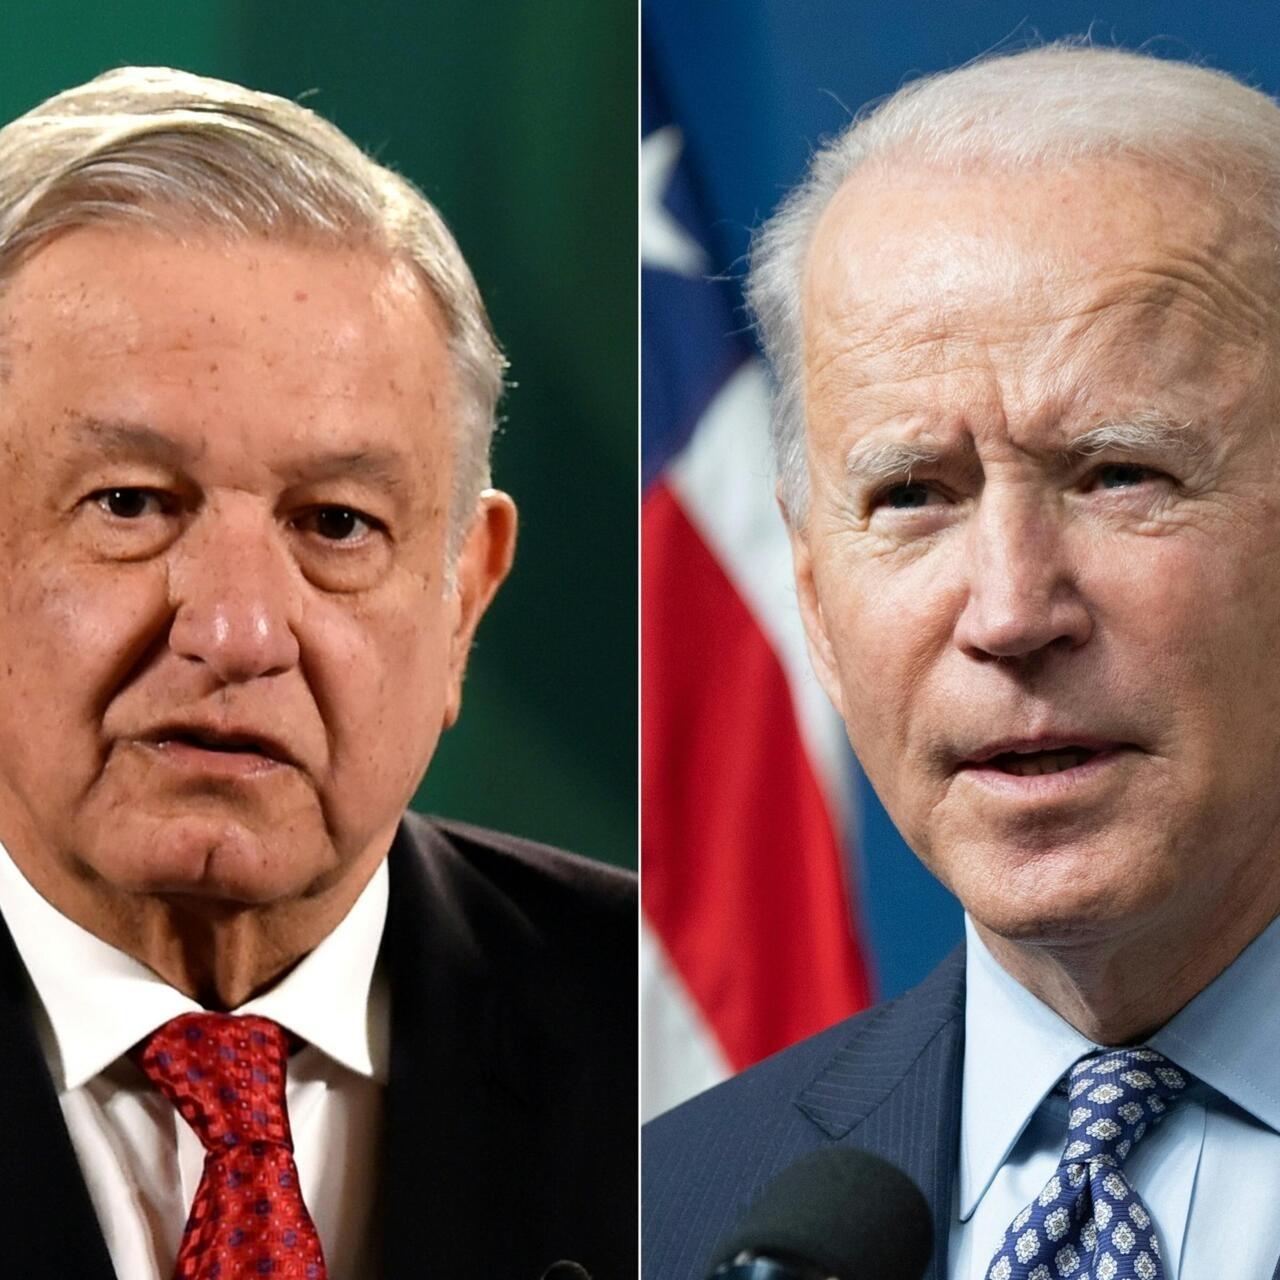 Biden sostendrá segunda bilateral virtual de su mandato el lunes con presidente de México - France 24